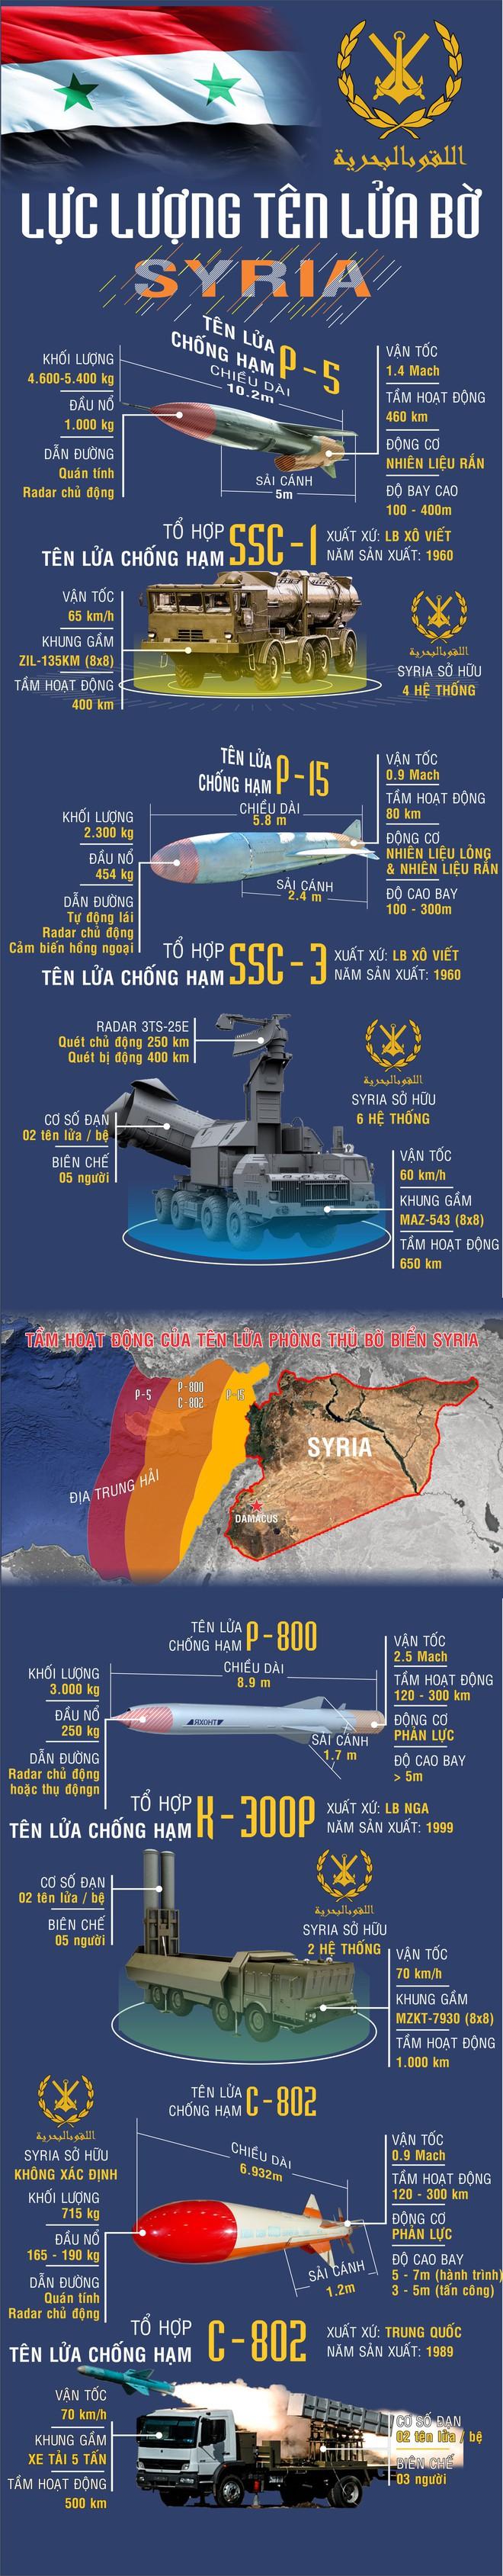 Nếu bị dồn ép đến đường cùng, Syria sẽ dùng những vũ khí này tấn công diệt tàu sân bay Mỹ? - Ảnh 2.